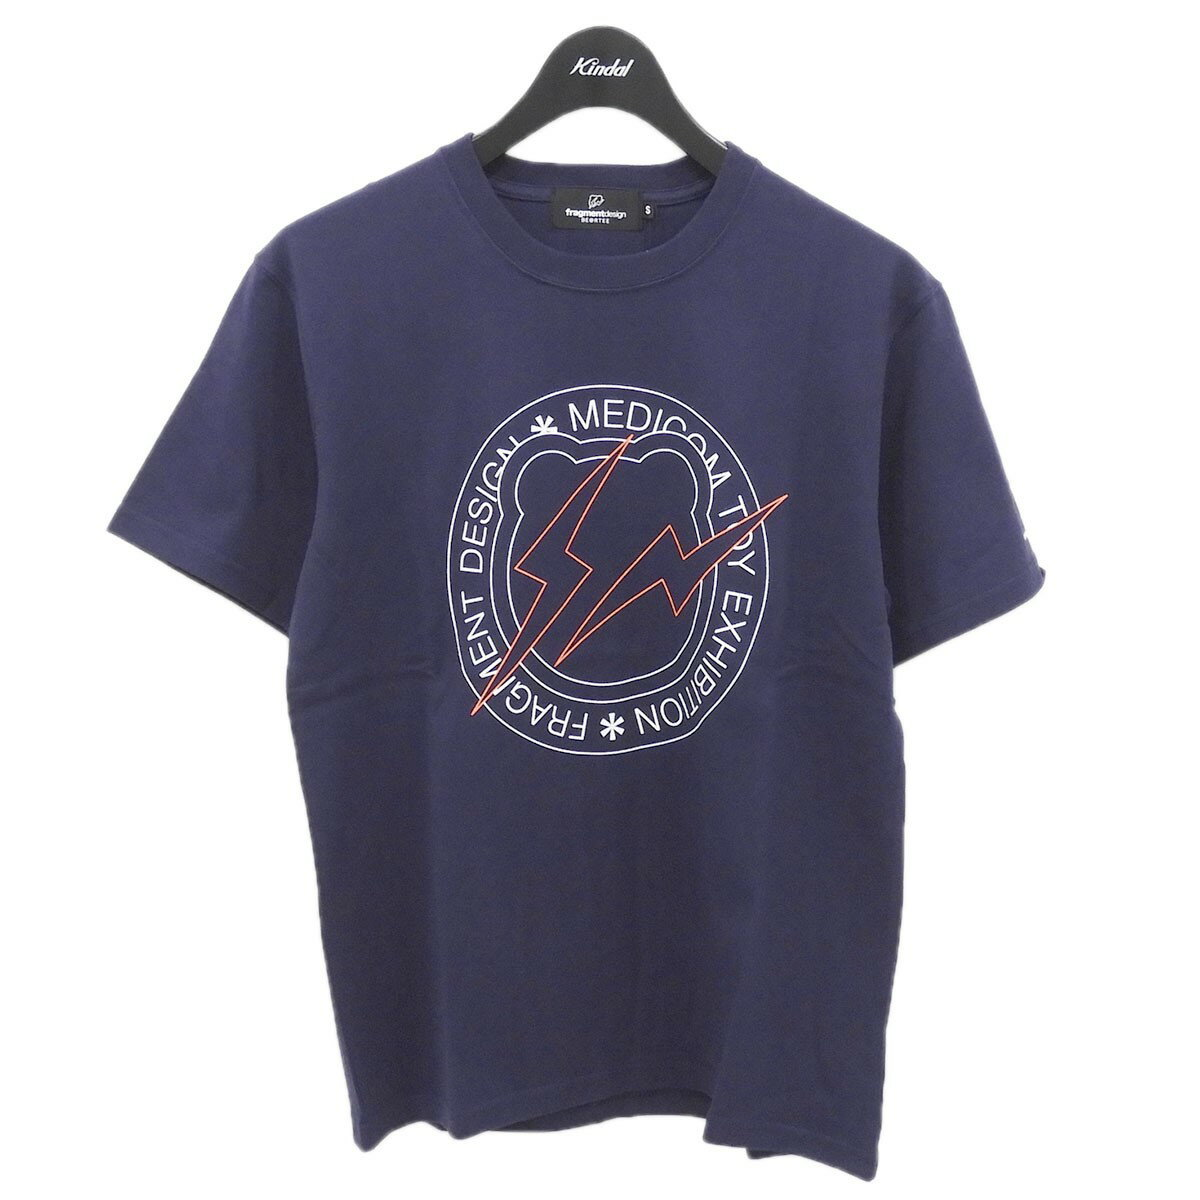 トップス, Tシャツ・カットソー FRAGMENT DESIGN BEARBRICK MEDICOM TOY EXHIBITION 2020 IN VIRTUALT S 110721